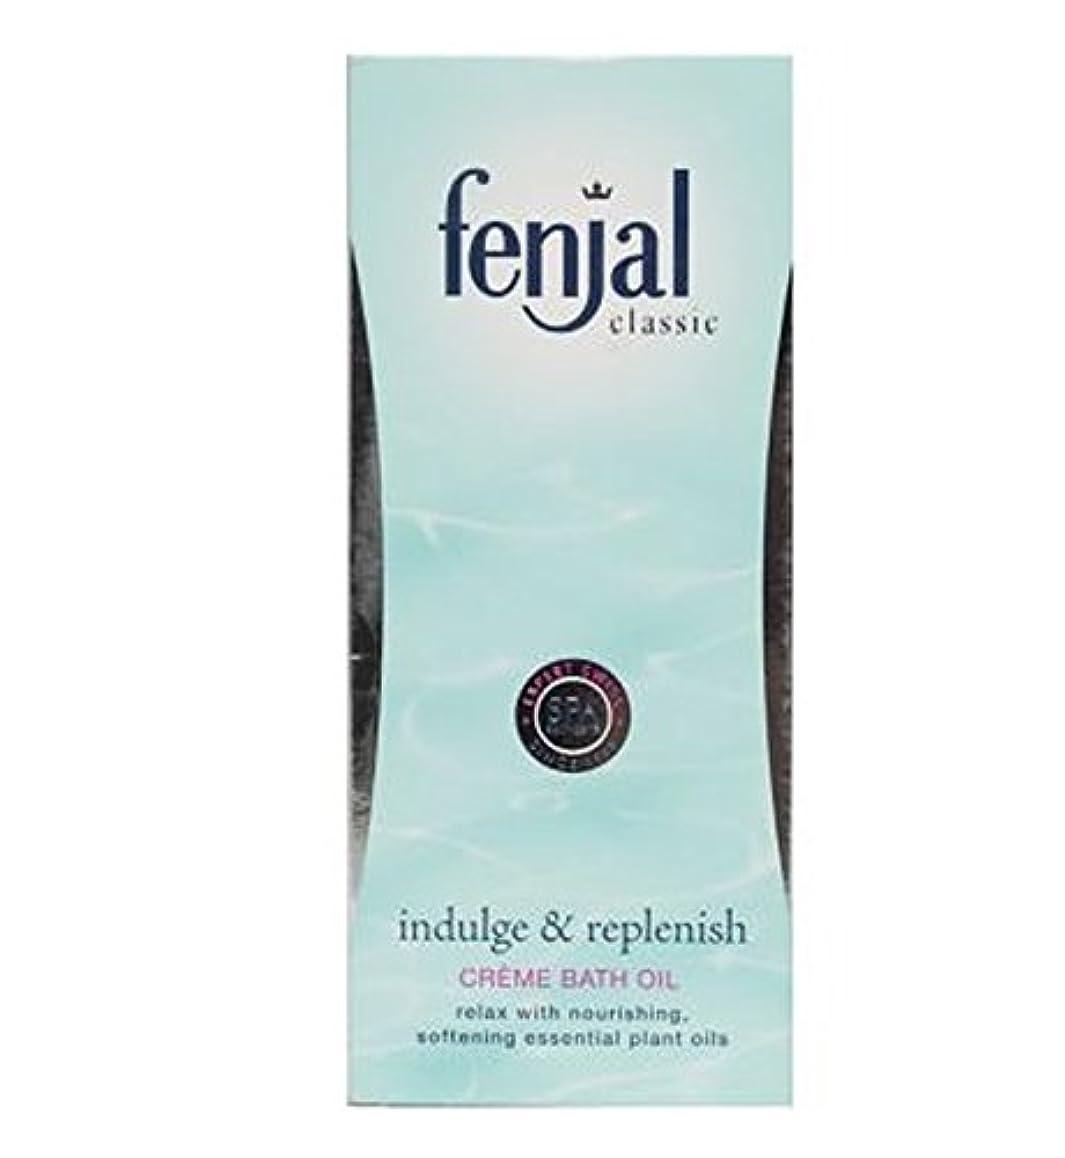 鎖カカドゥ廃止Fenjal古典的な高級クリームバスオイル125ミリリットル (Fenjal) (x2) - Fenjal Classic Luxury Creme Bath Oil 125 ml (Pack of 2) [並行輸入品]